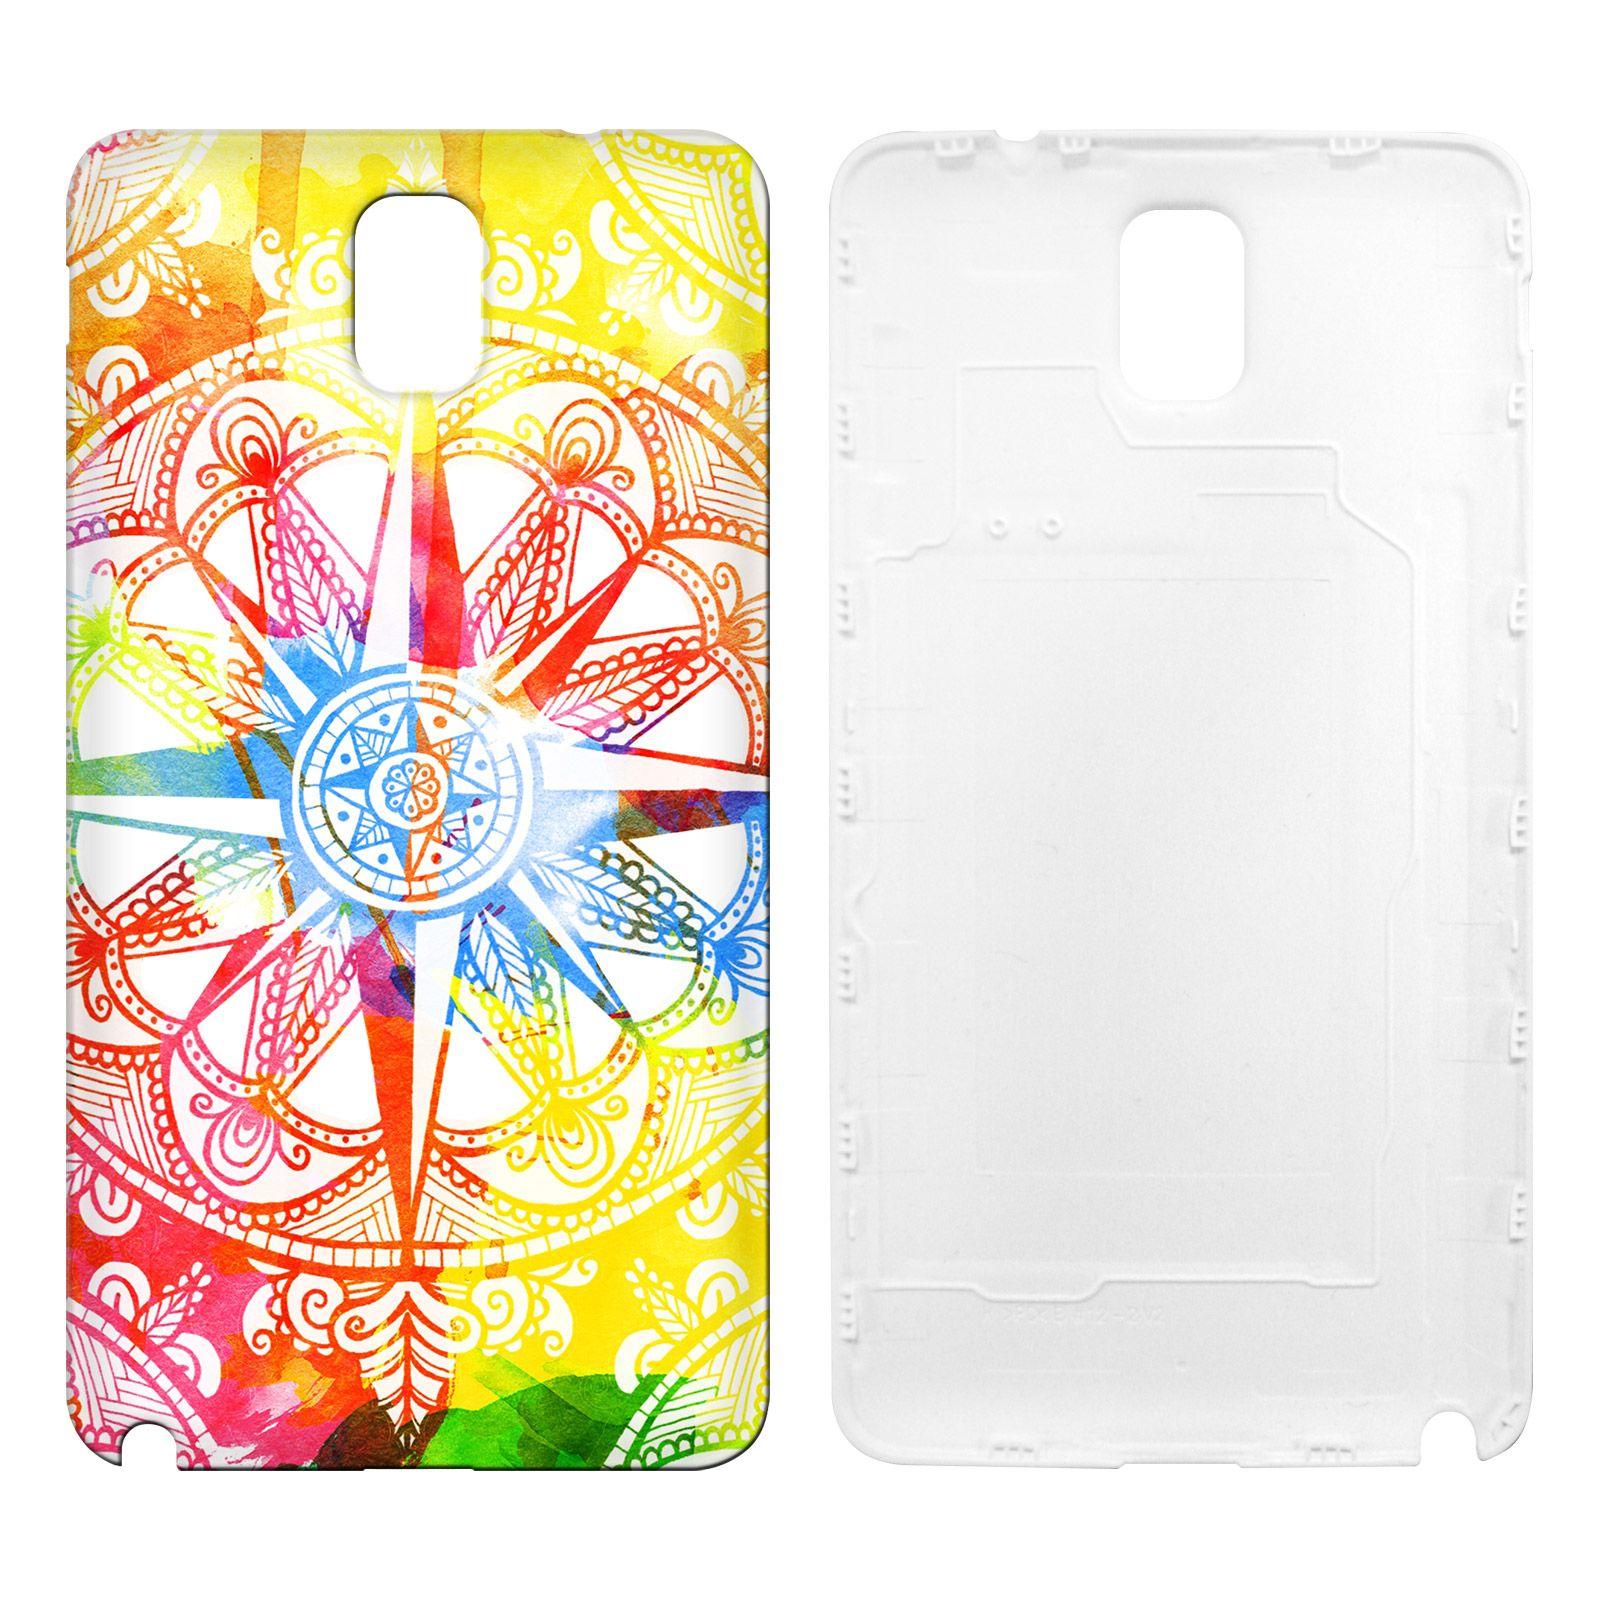 Head Case Designs Watercolour Compass Designs for Samsung Galaxy Note 3 N9000 N9002 N9005